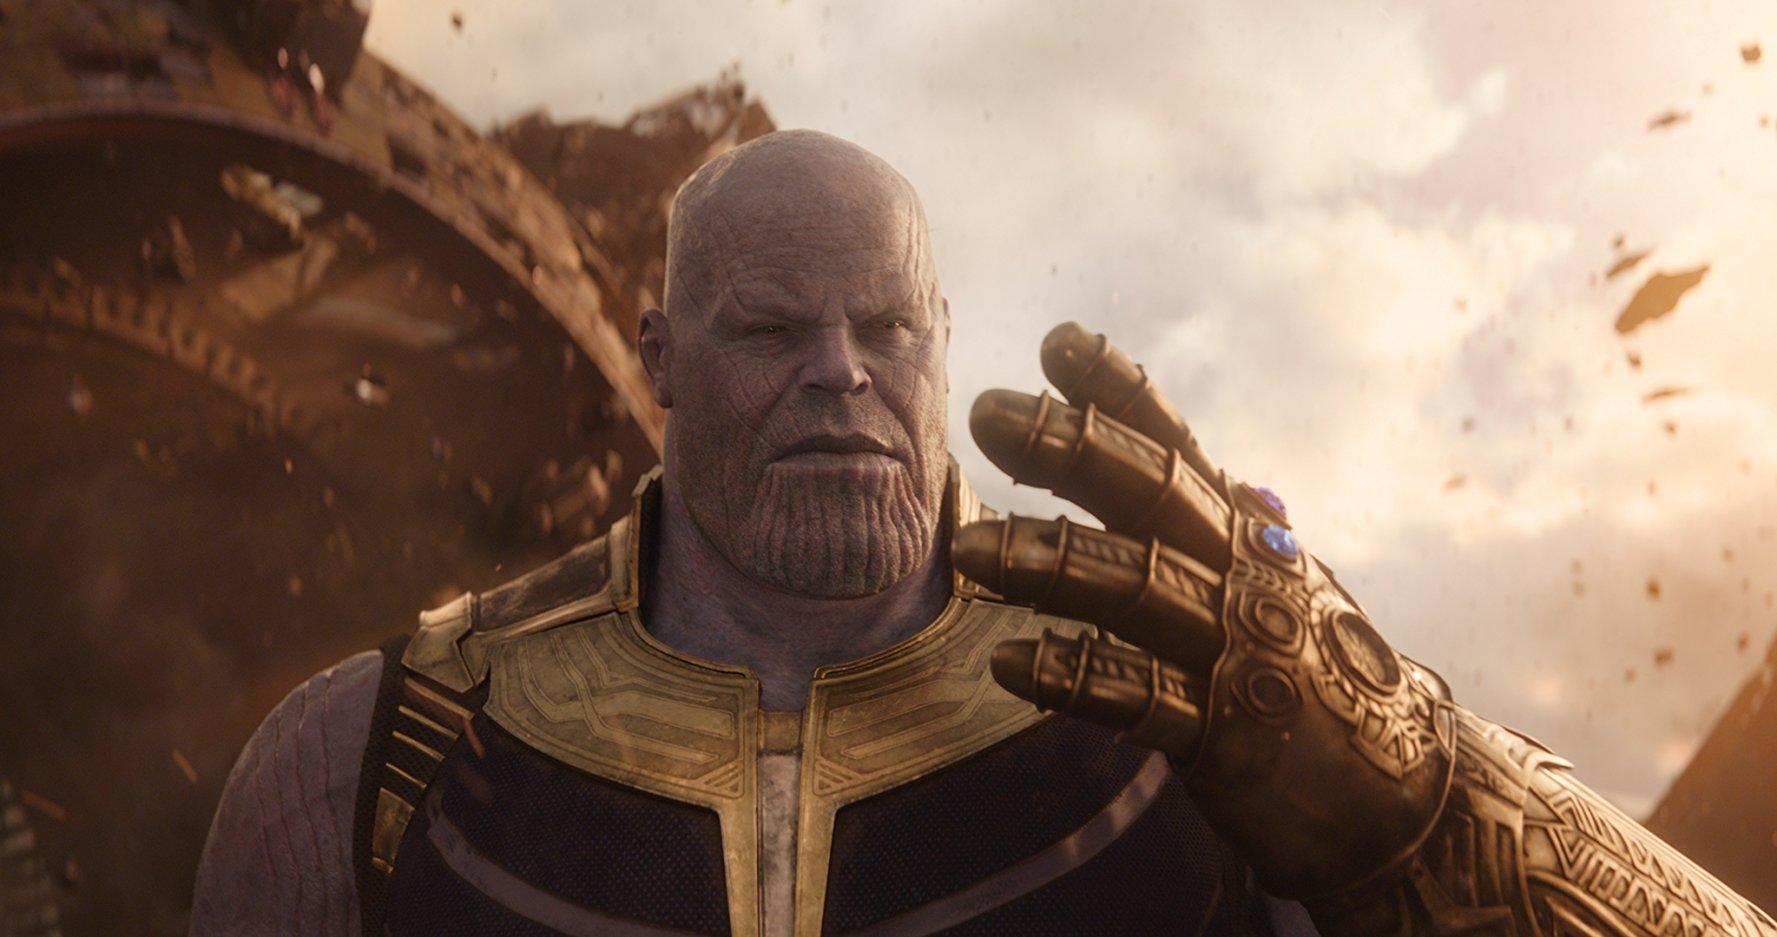 No nos sorprende: Infinity War podría quitarle el récord mundial a Star Wars como el estreno más taquillero del mundo